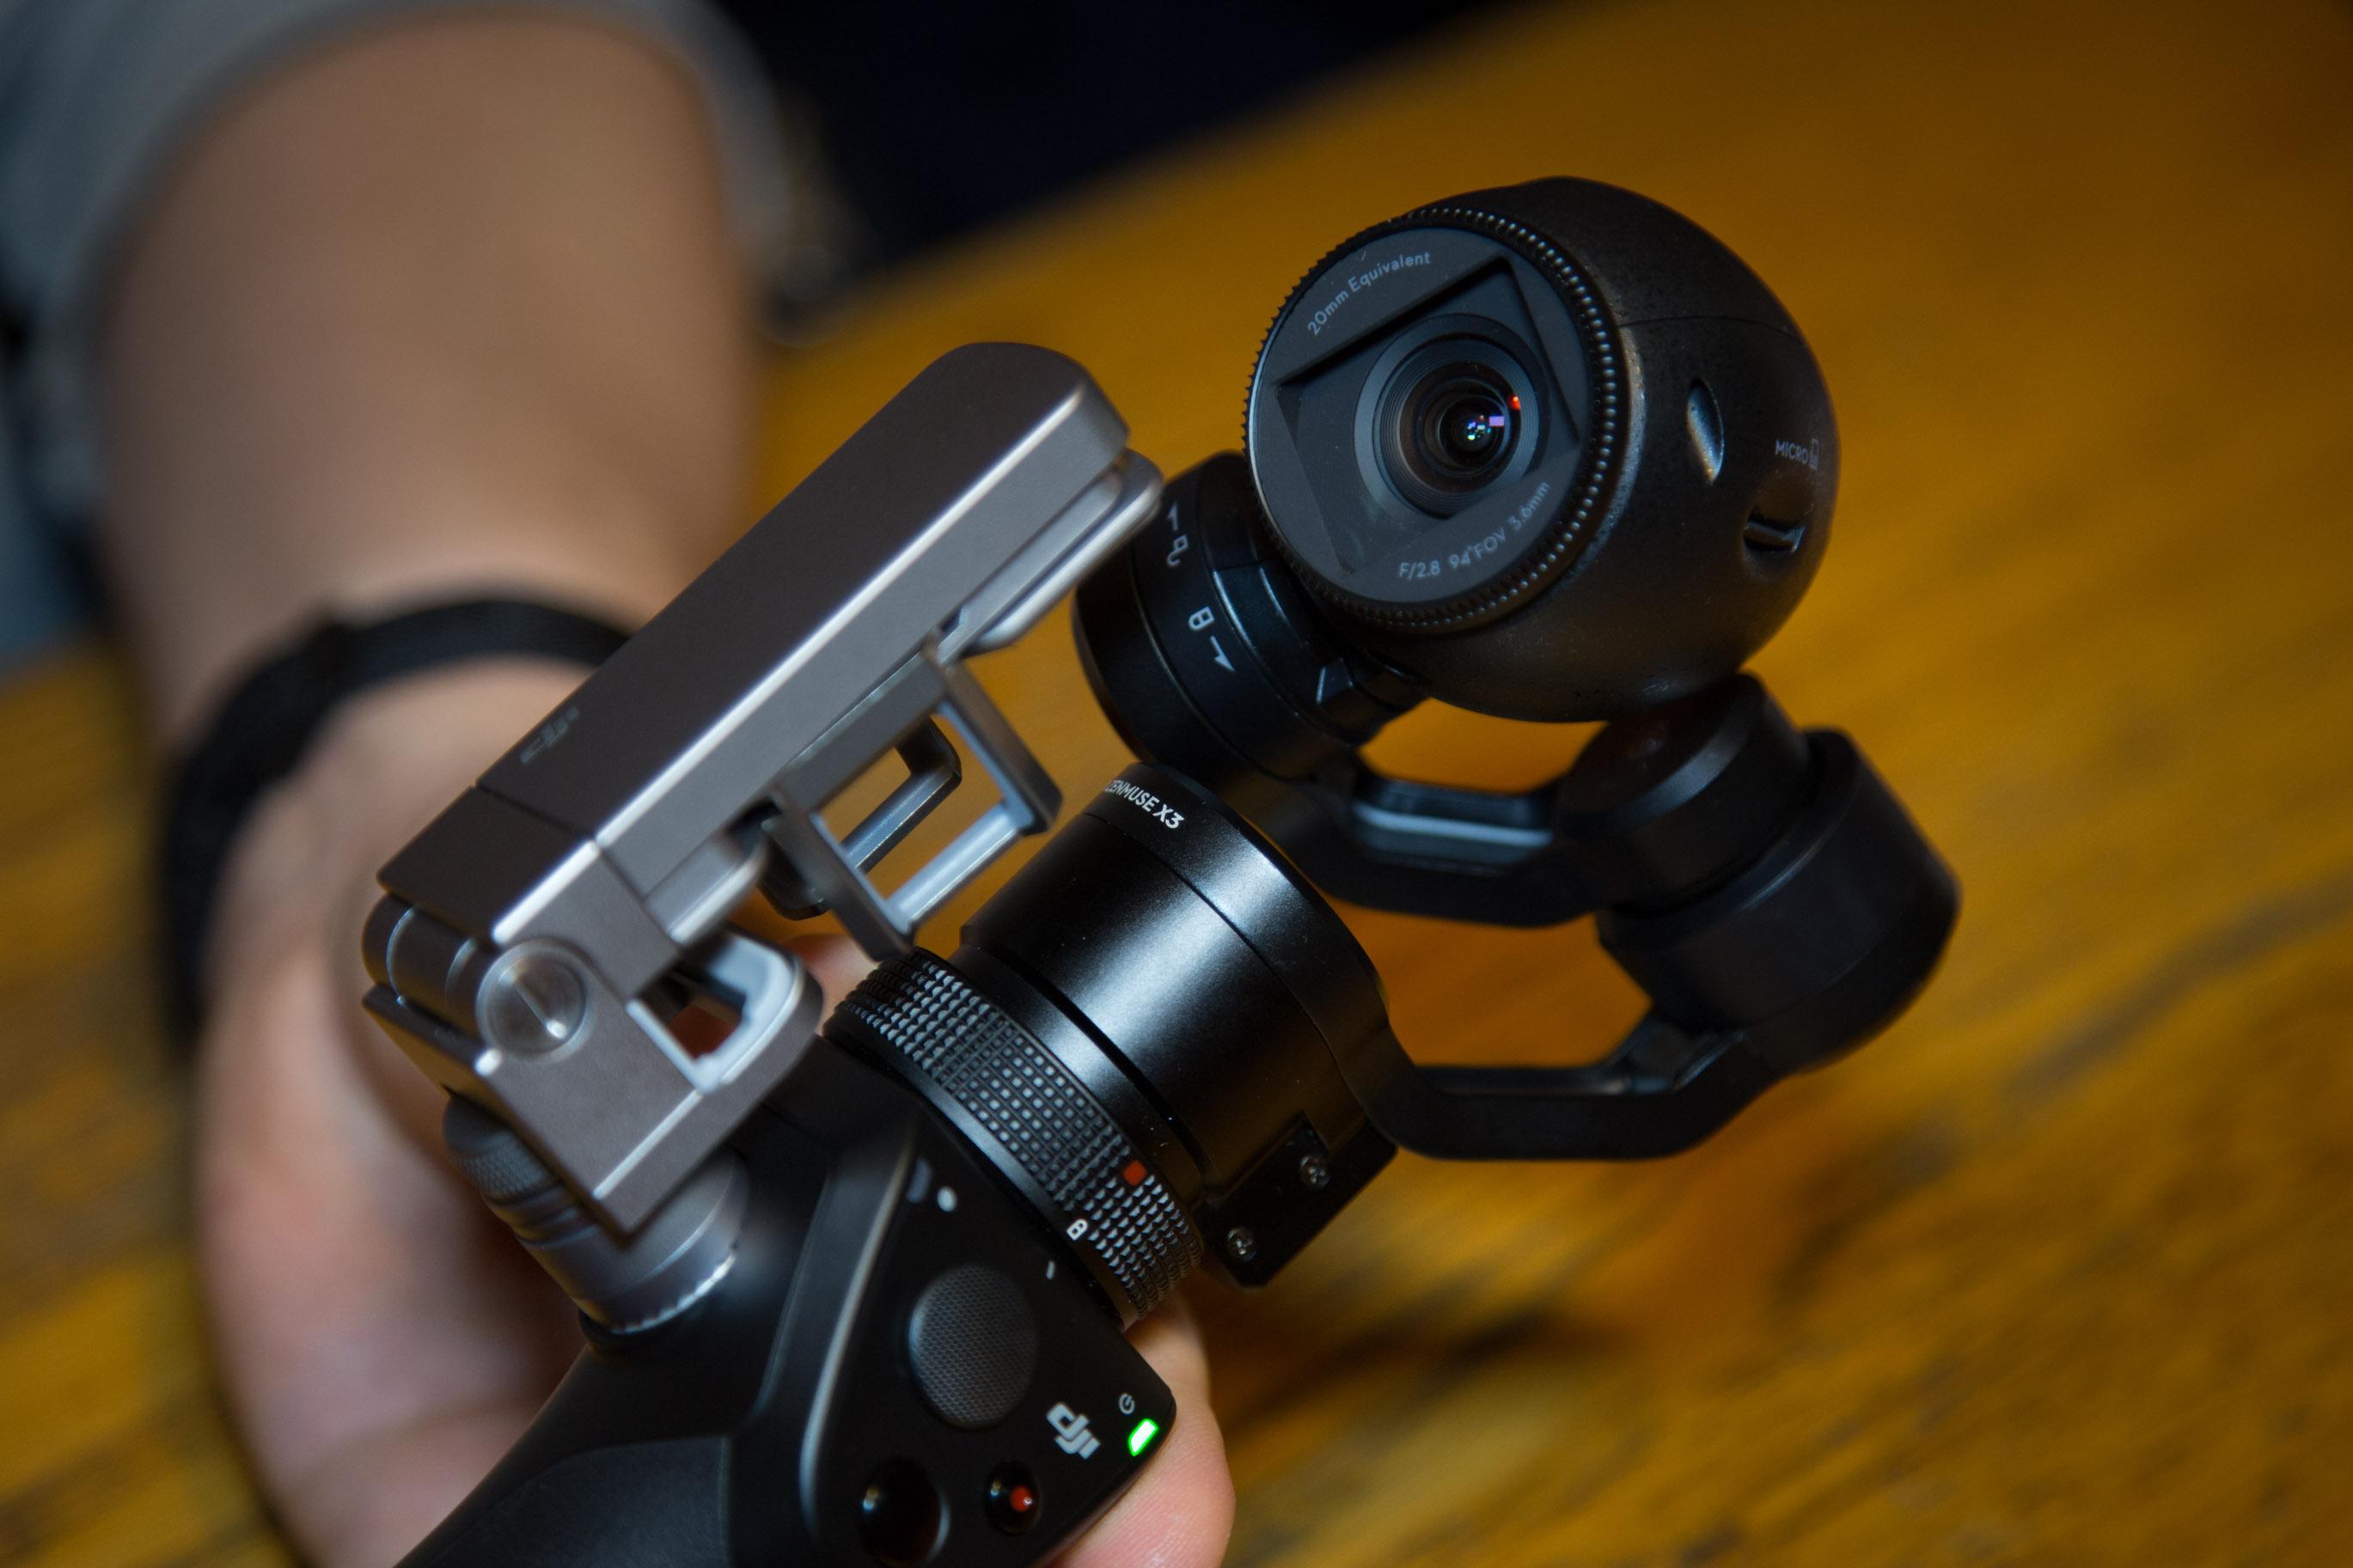 Osmo im Hands on: DJI präsentiert stabilisierte Handkamera für 750 Euro - Die Smartphone-Halterung ist aus Metall. (Bild: Martin Wolf/Golem.de)